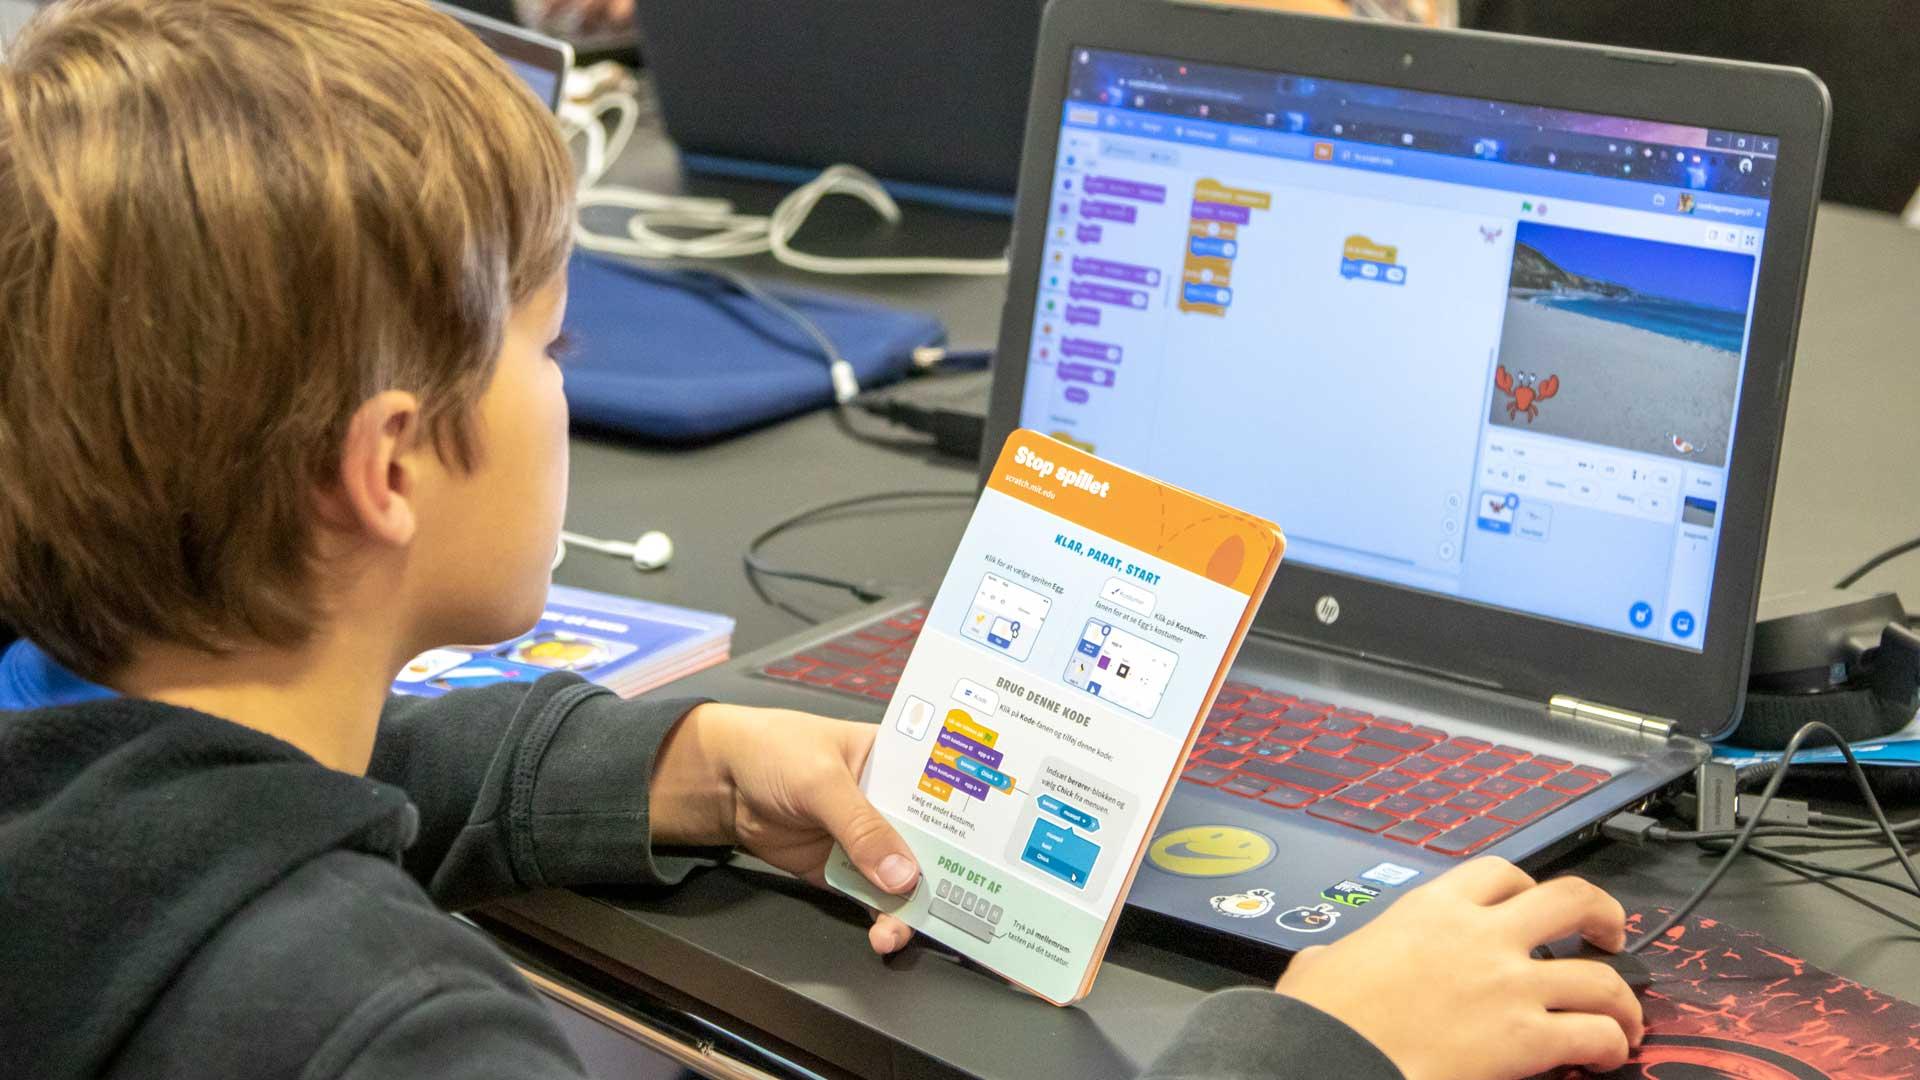 Barn arbejder med Scratch kode-kort ved computer.